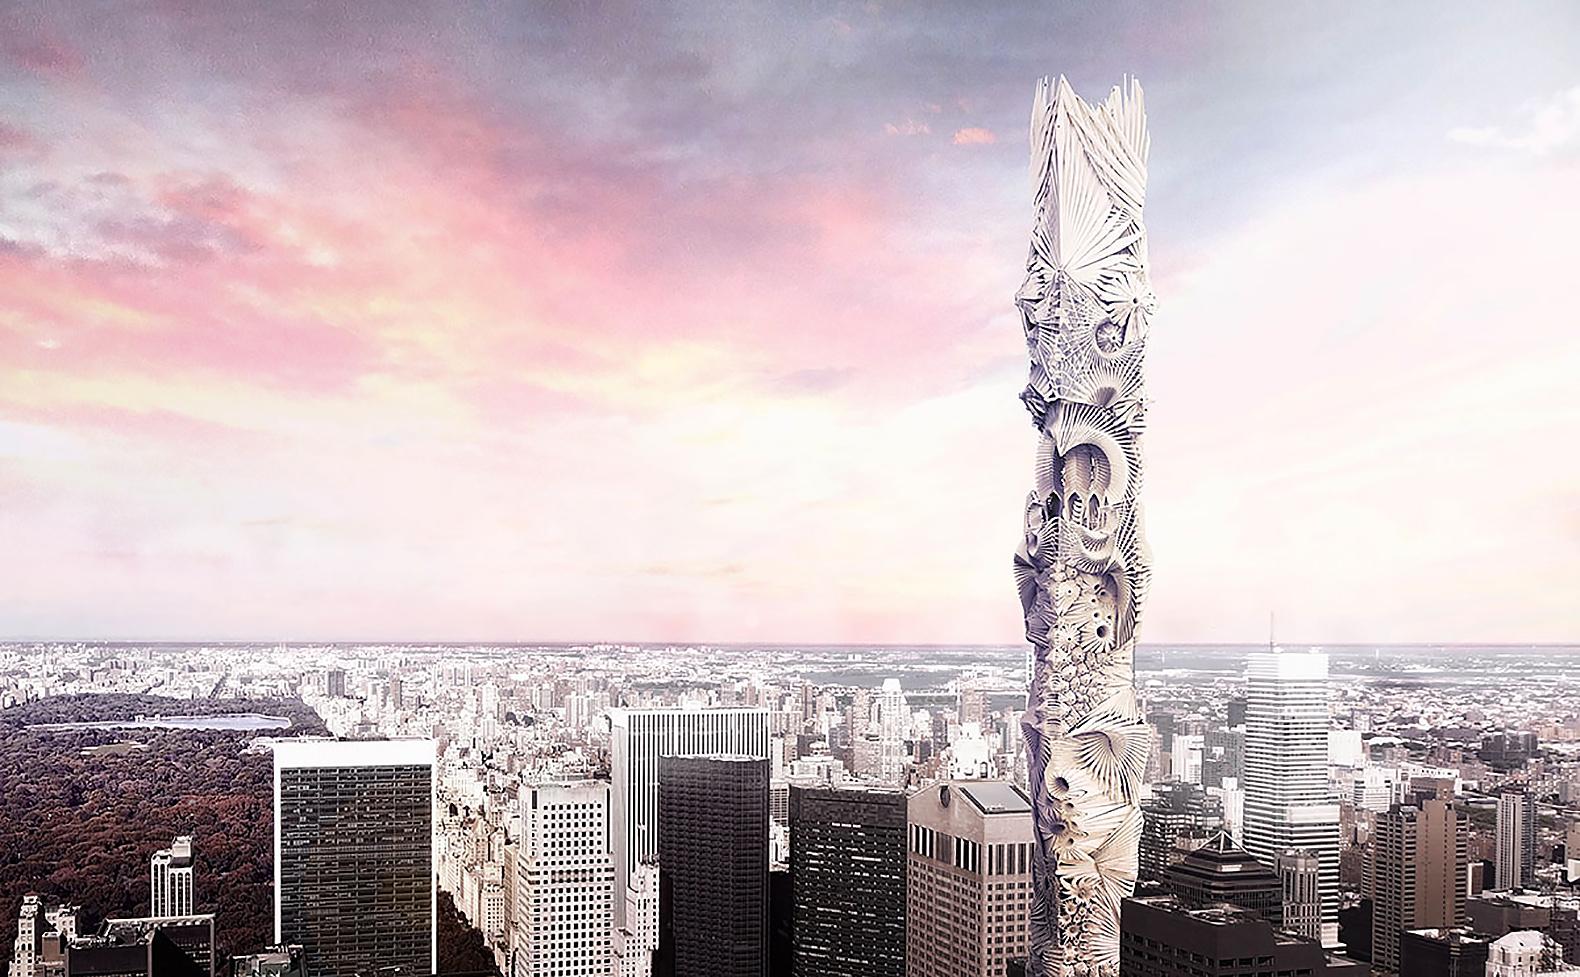 Futuristic-Skyscrapers